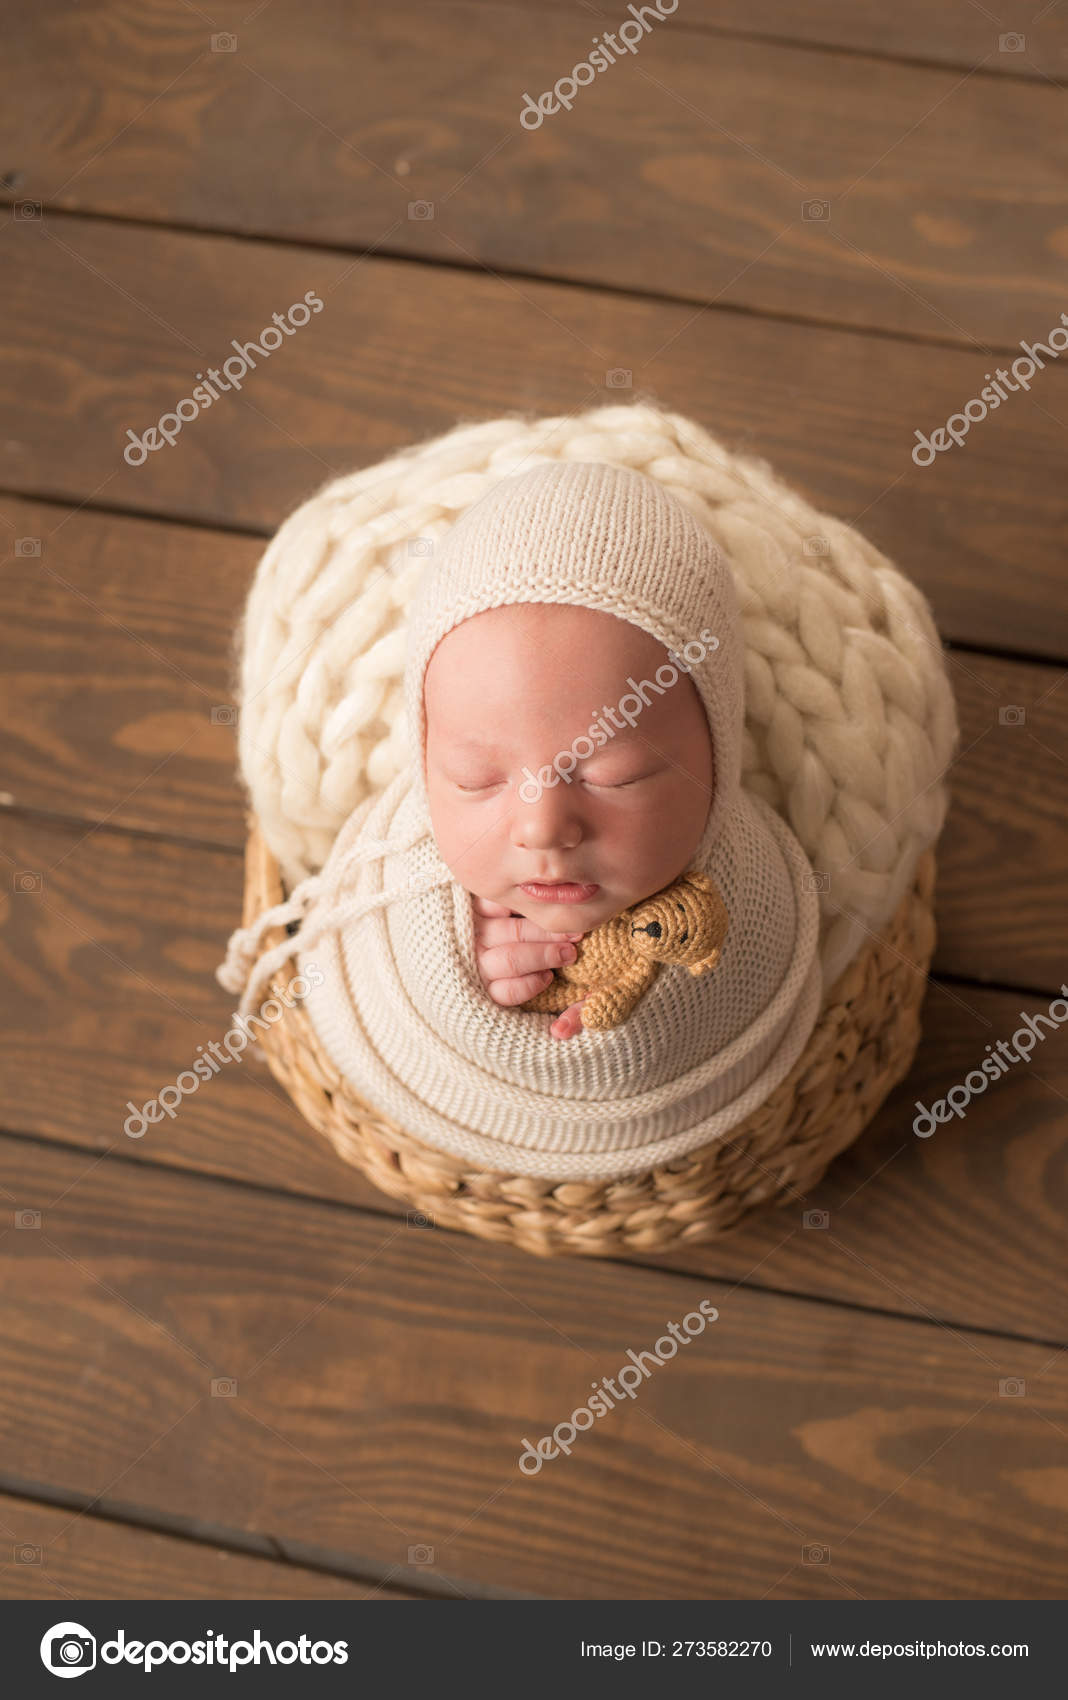 Canasta De Recien Nacido.Dulce Bebe Recien Nacido Duerme Una Canasta Hermoso Muchacho